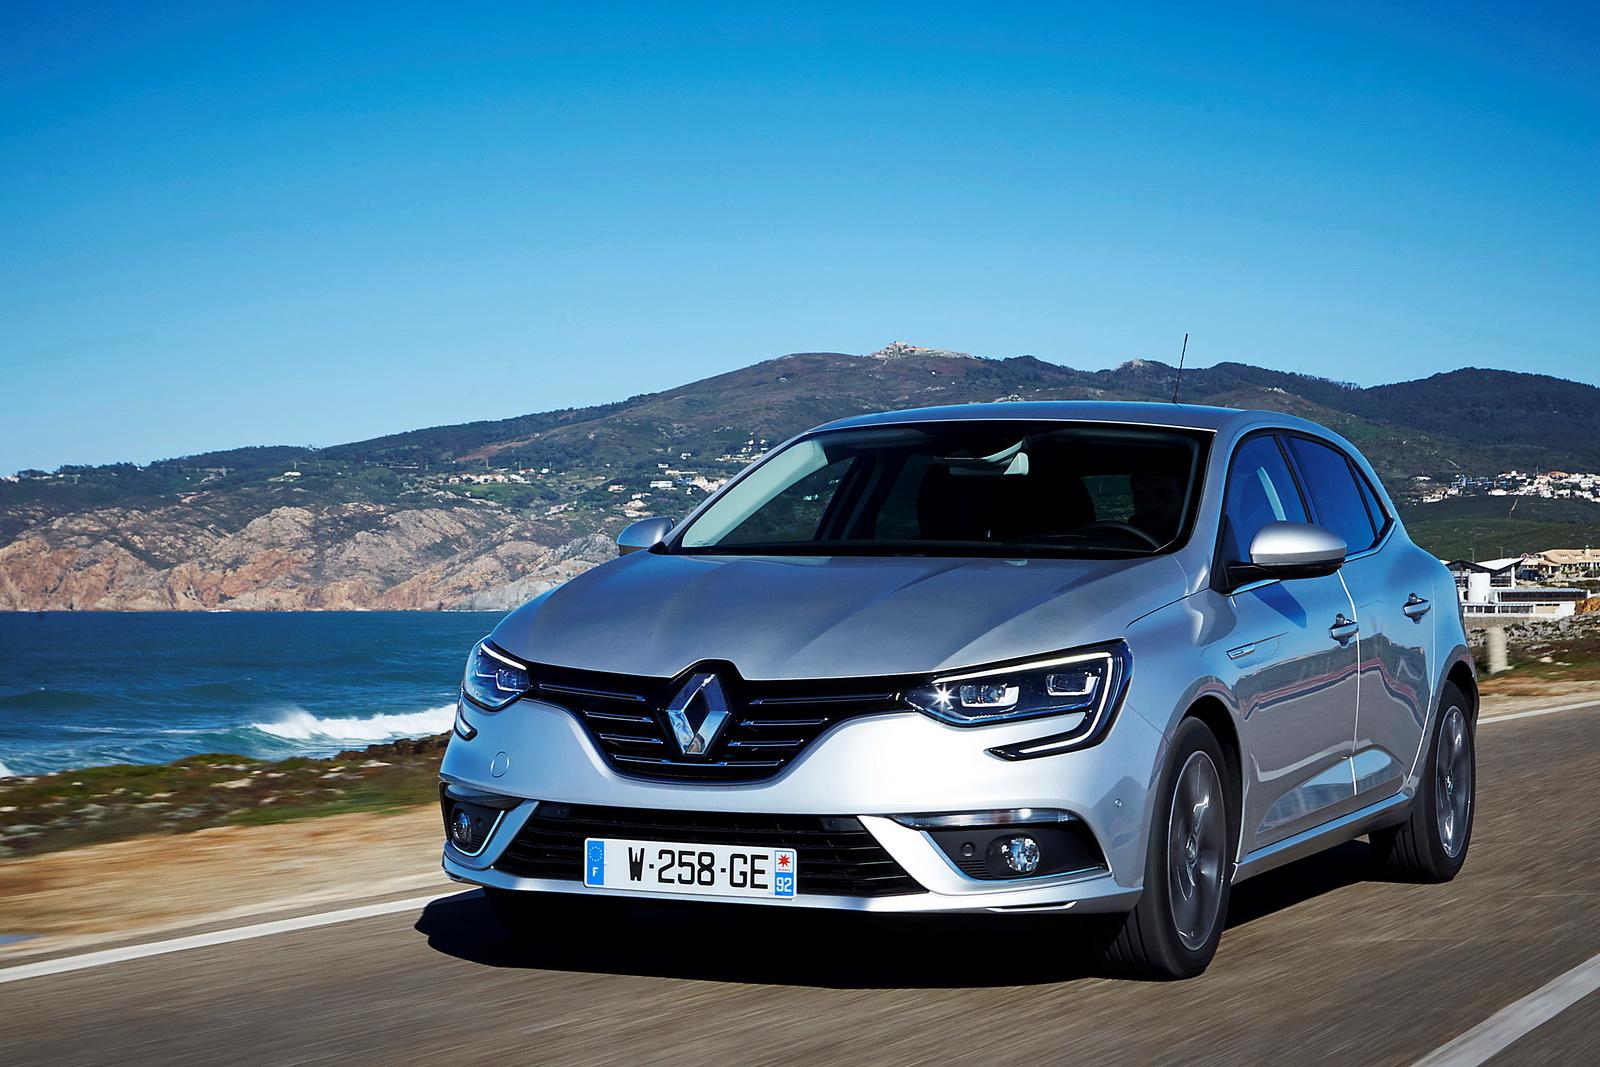 Novo Renault M 233 Gane Galeria Em Portugal Carzoom